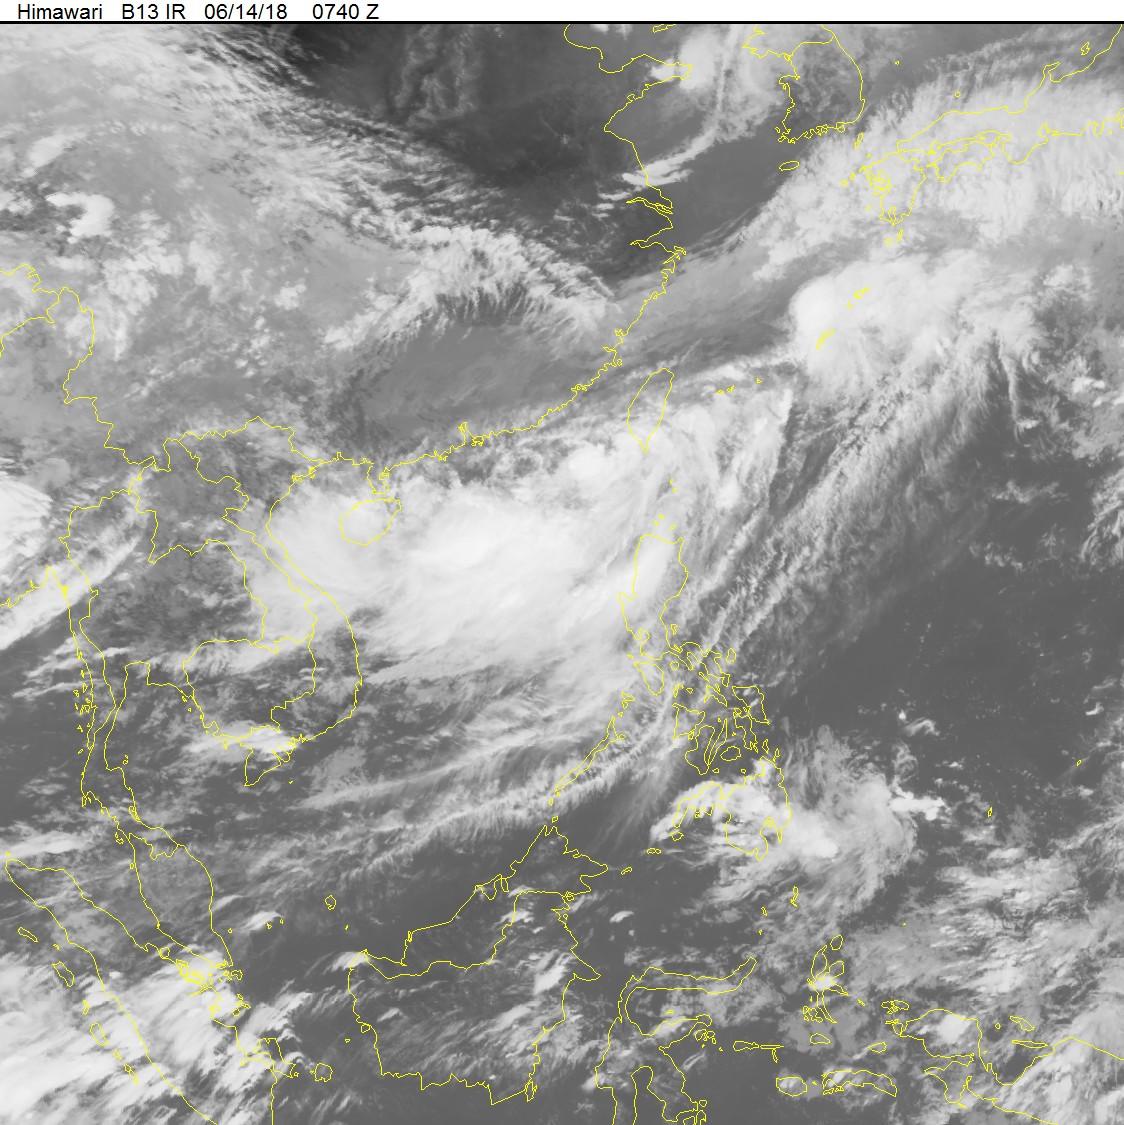 Thông báo khẩn cấp về ứng phó với áp thấp nhiệt đới trên biển Đông